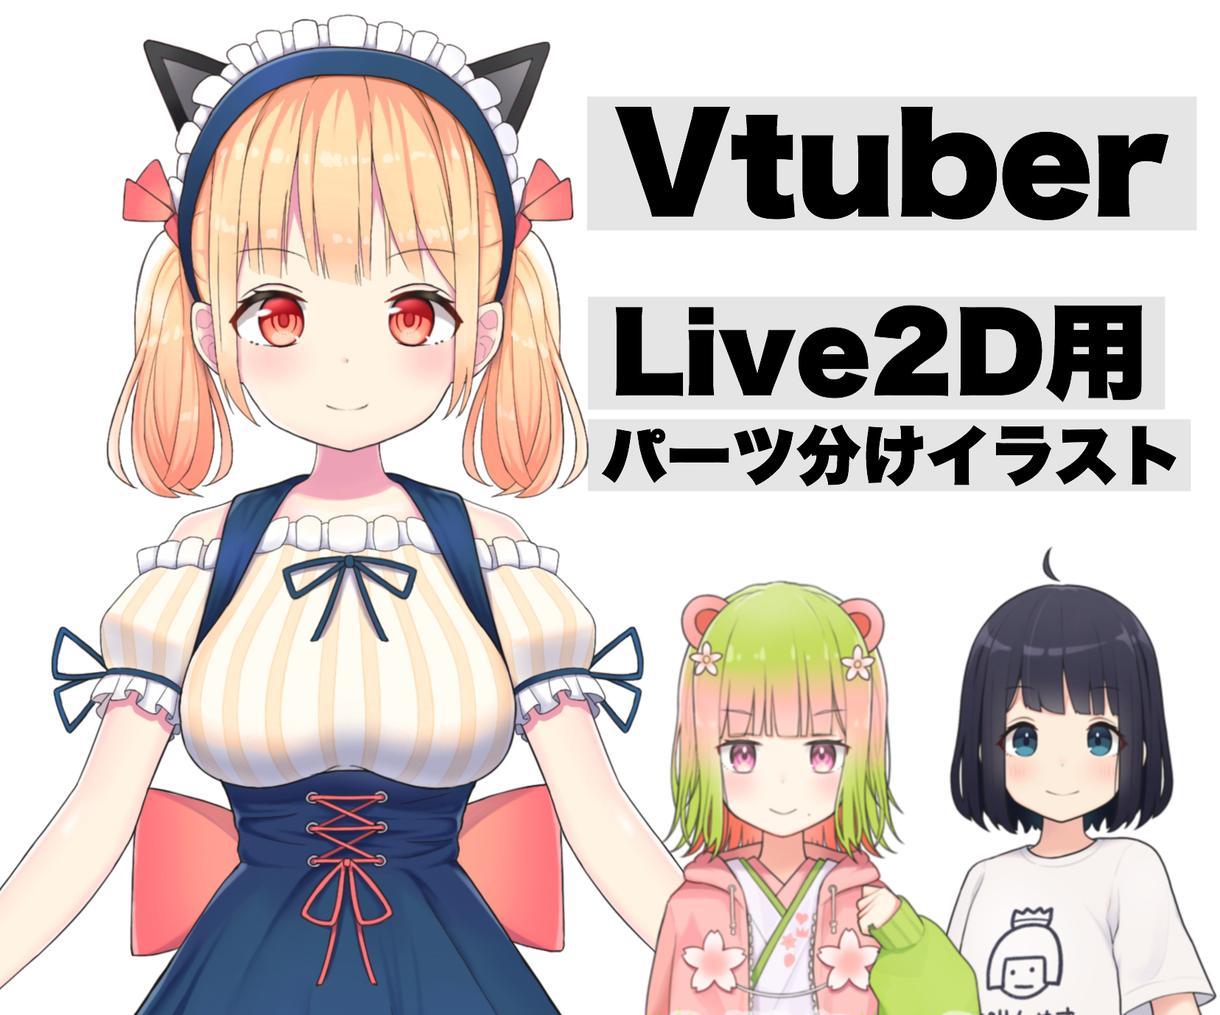 Live2D用パーツ分けイラスト制作します Vtuberを目指す方など!お気軽にご相談下さい イメージ1